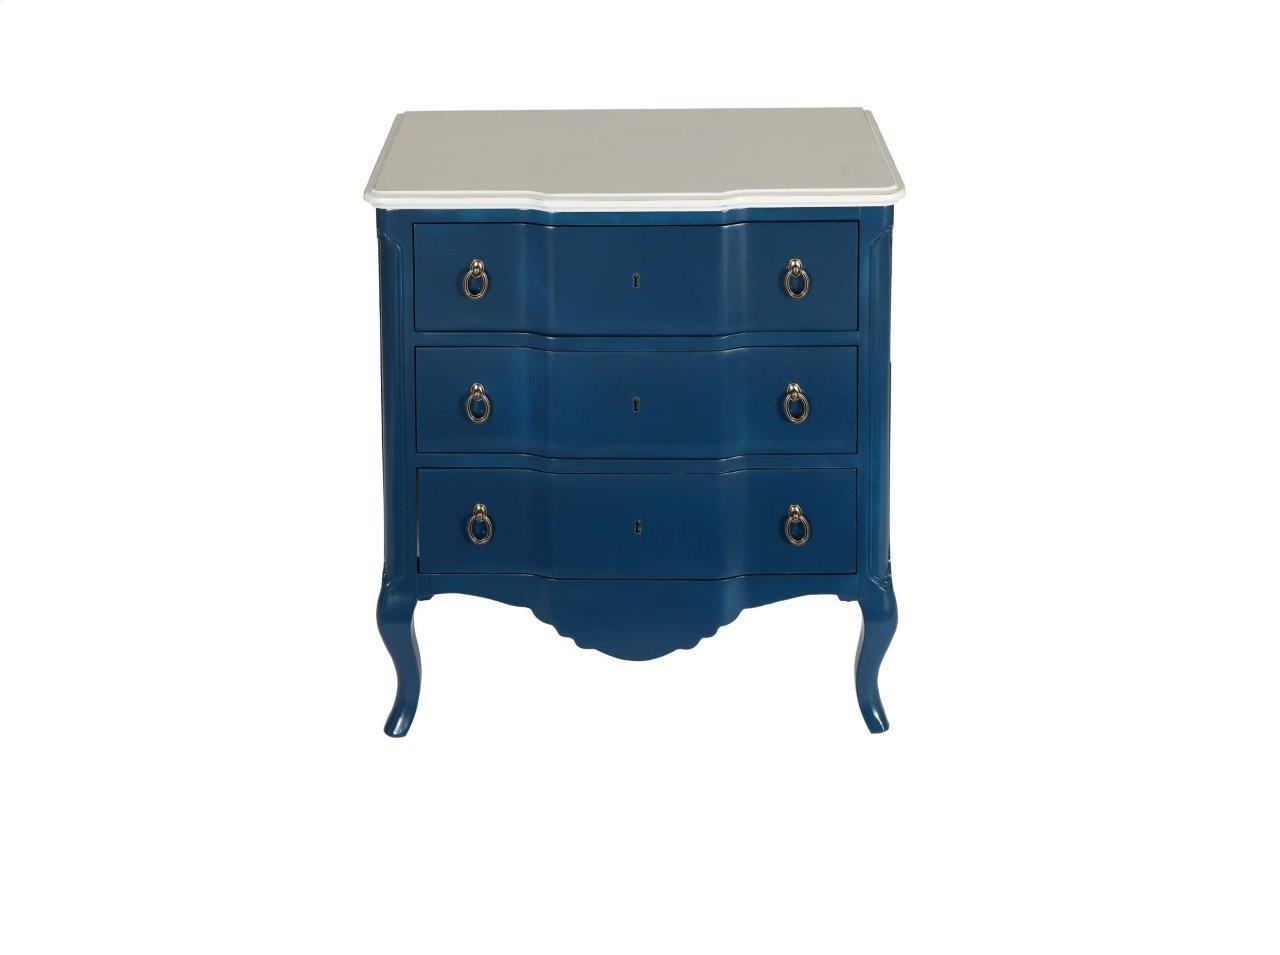 Купить Тумбочка Sirius в интернет магазине дизайнерской мебели и аксессуаров для дома и дачи